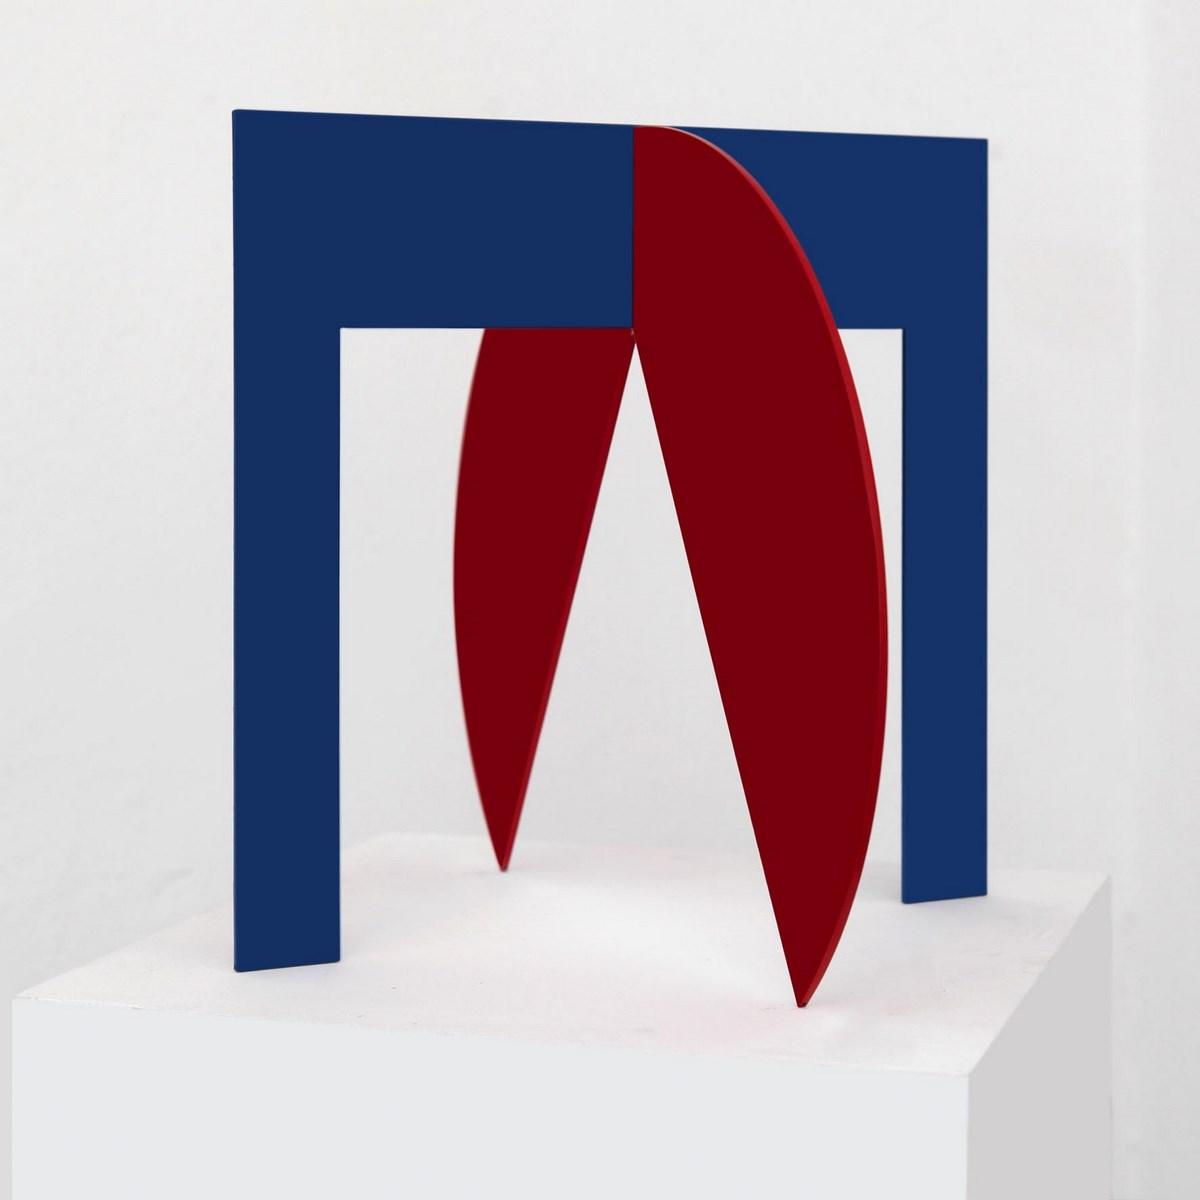 """Ingo Glass, """"Dialog zasadniczych form i barw w przestrzeni"""", 2011 (źródło: materiały prasowe organizatora)"""